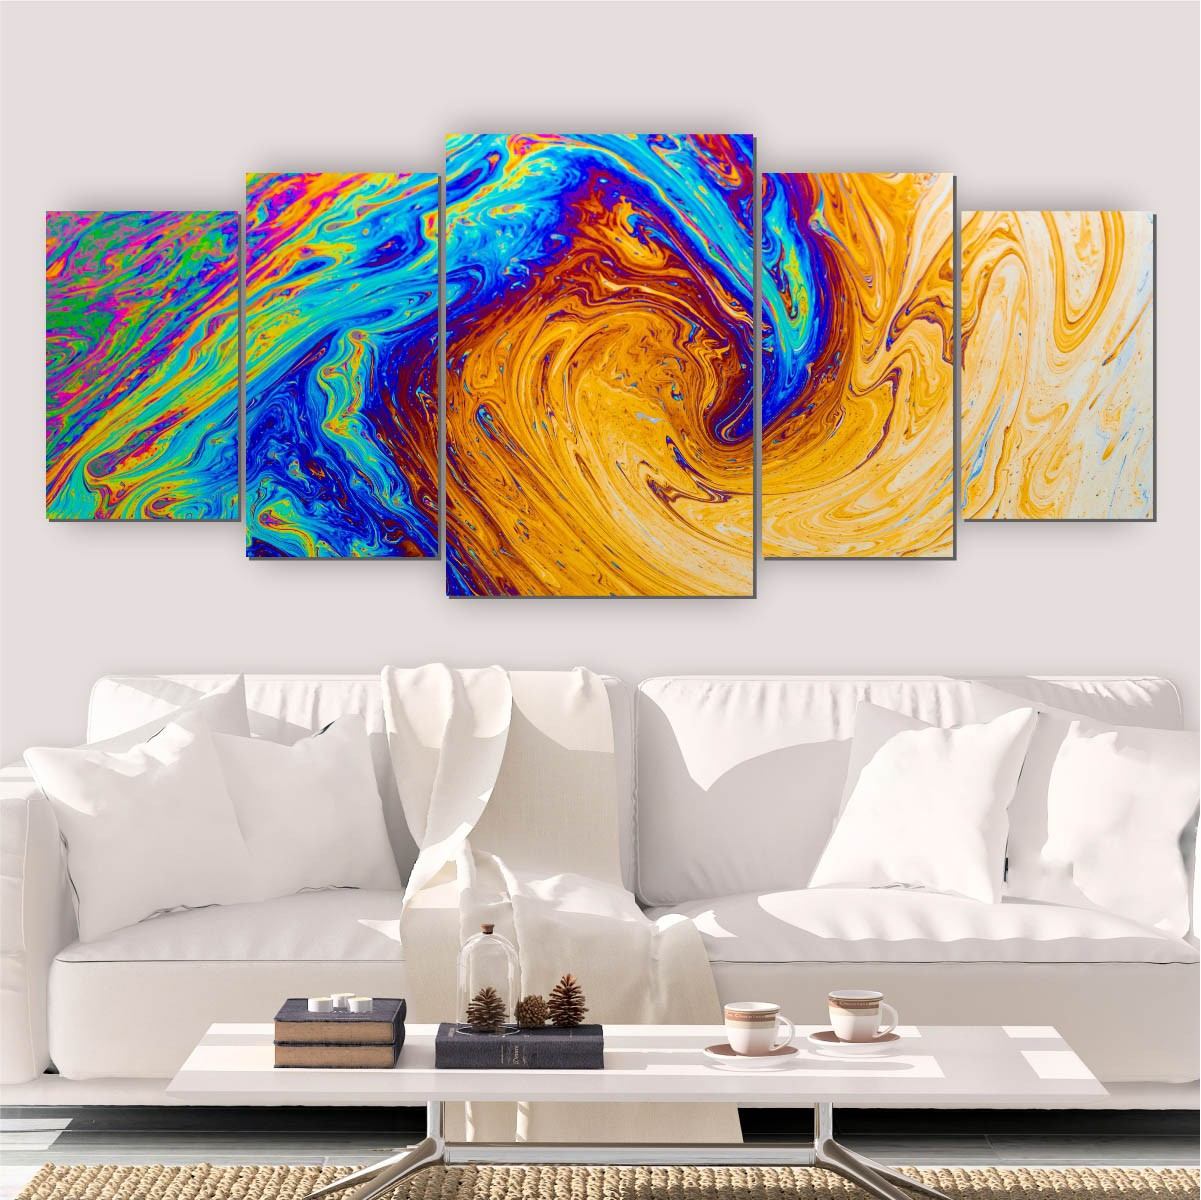 Quadro Decorativo Mosaico Sala Quarto Pintura 5 peças 144x60cm